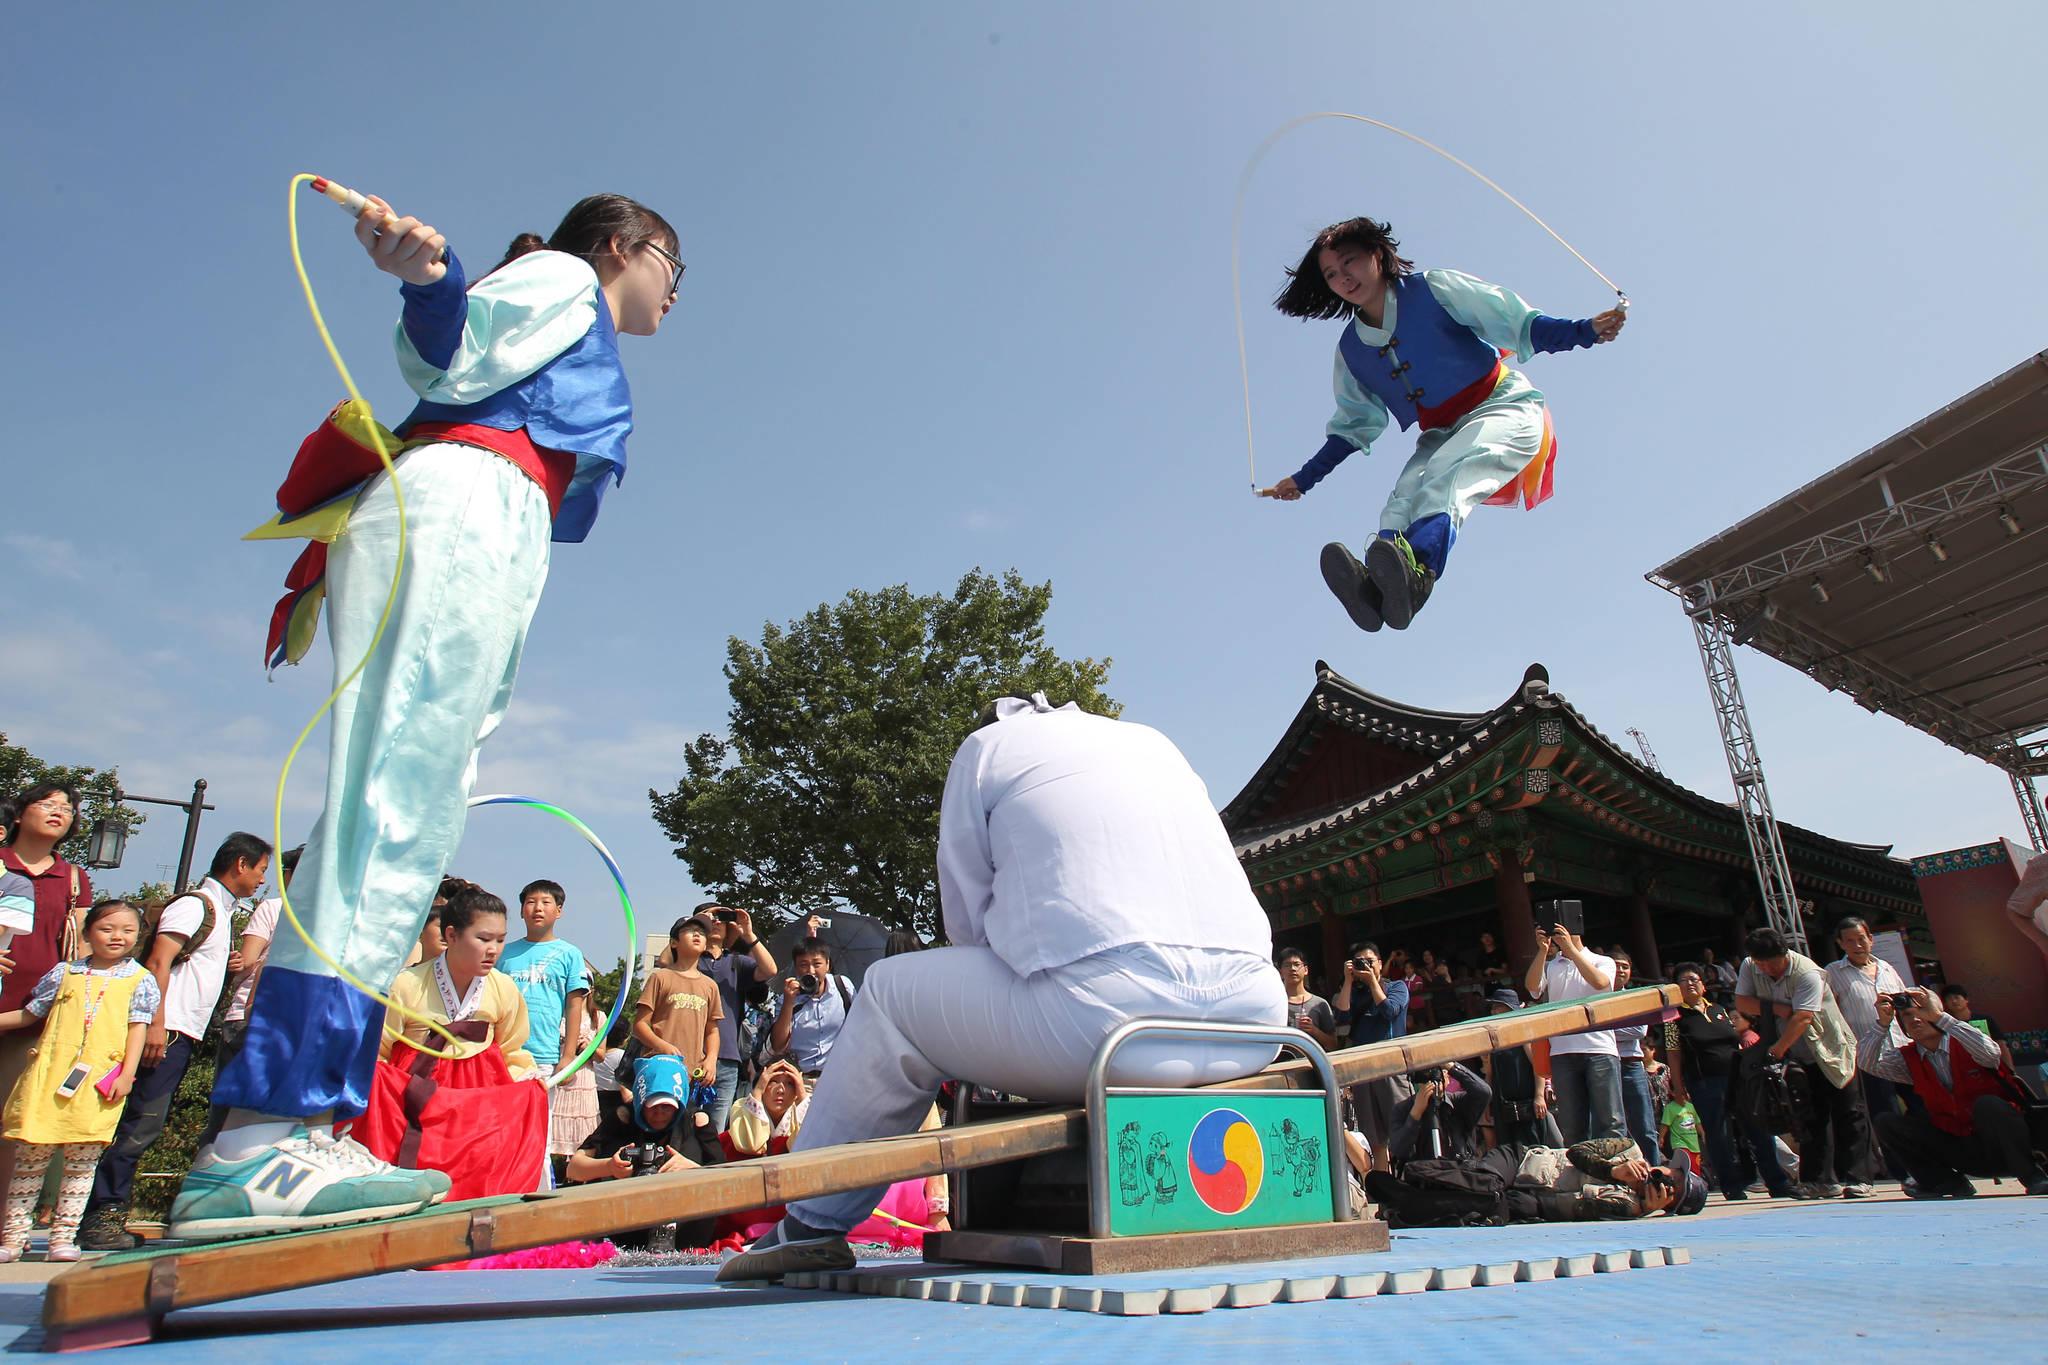 2011년 추석연휴 마지막날인 9월 13일 서울 필동 남산골 한옥마을에서 시범단이 널뛰기 공연을 펼치고 있다.[중앙포토]